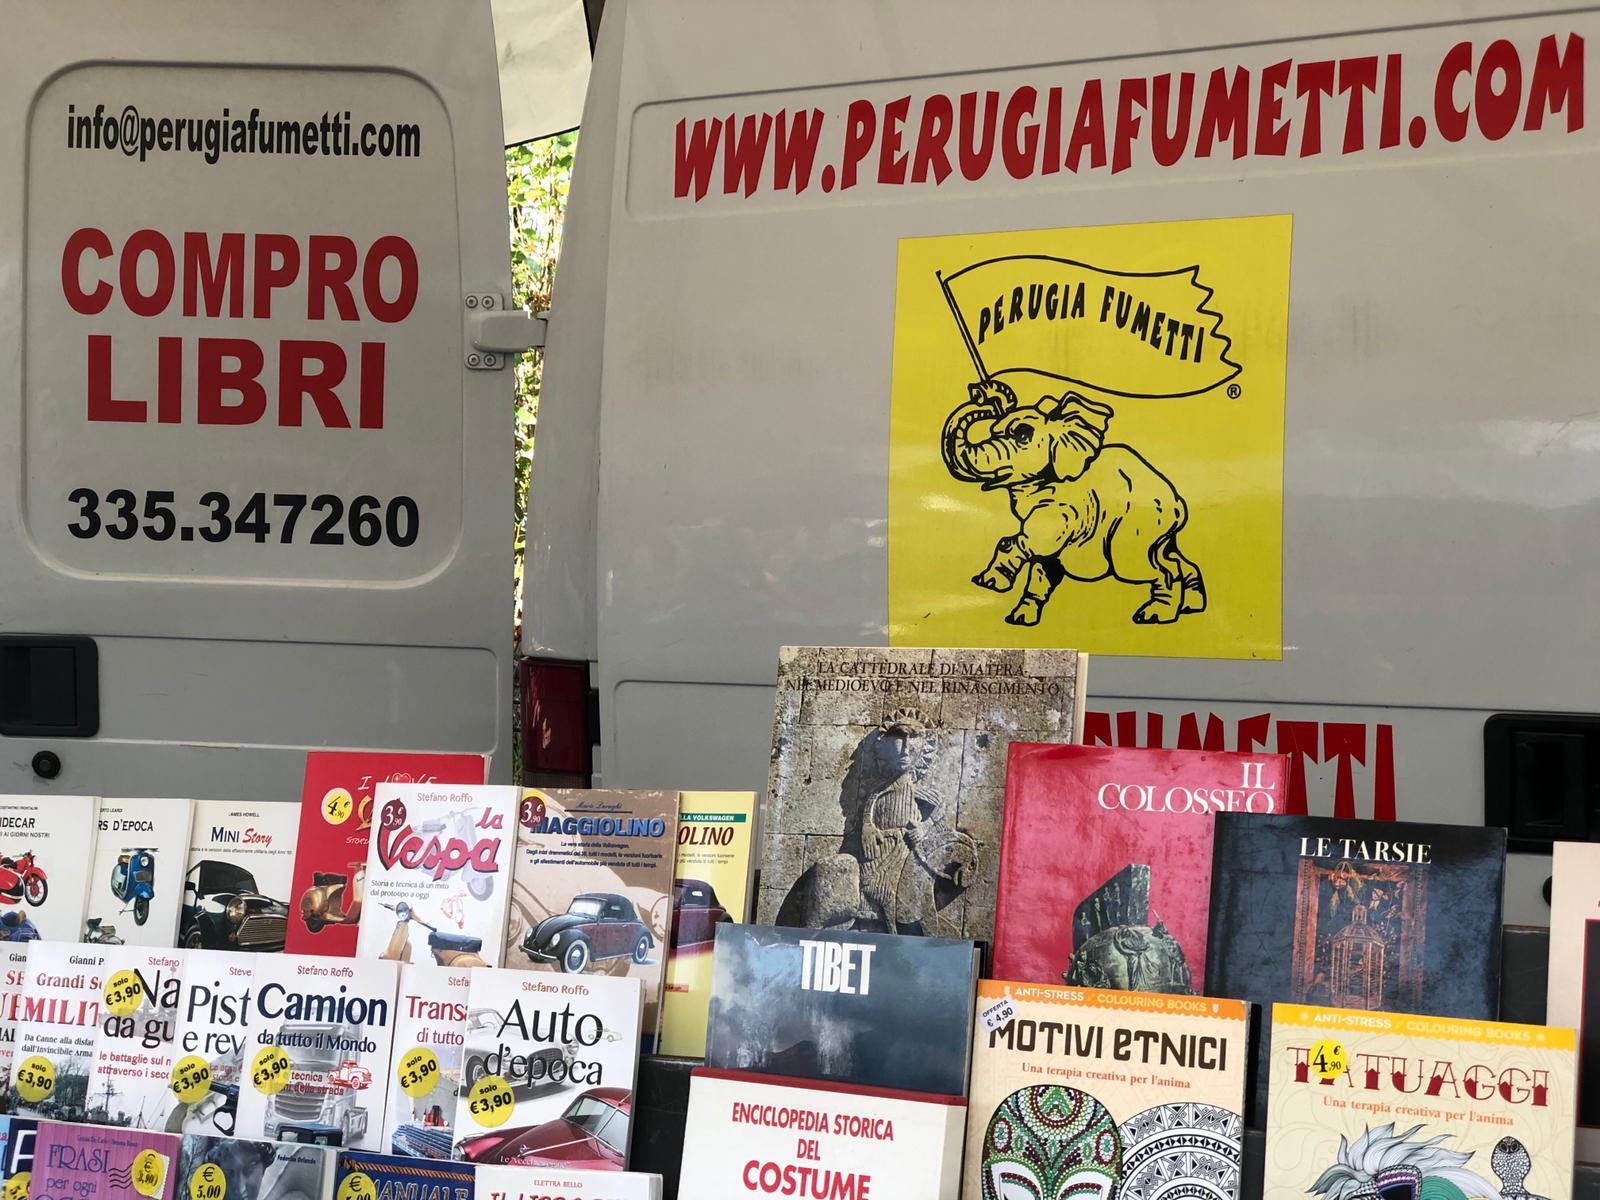 Perugia Fumetti - Mercato Pian Di Massiano - Libri e fumetti usati - 01